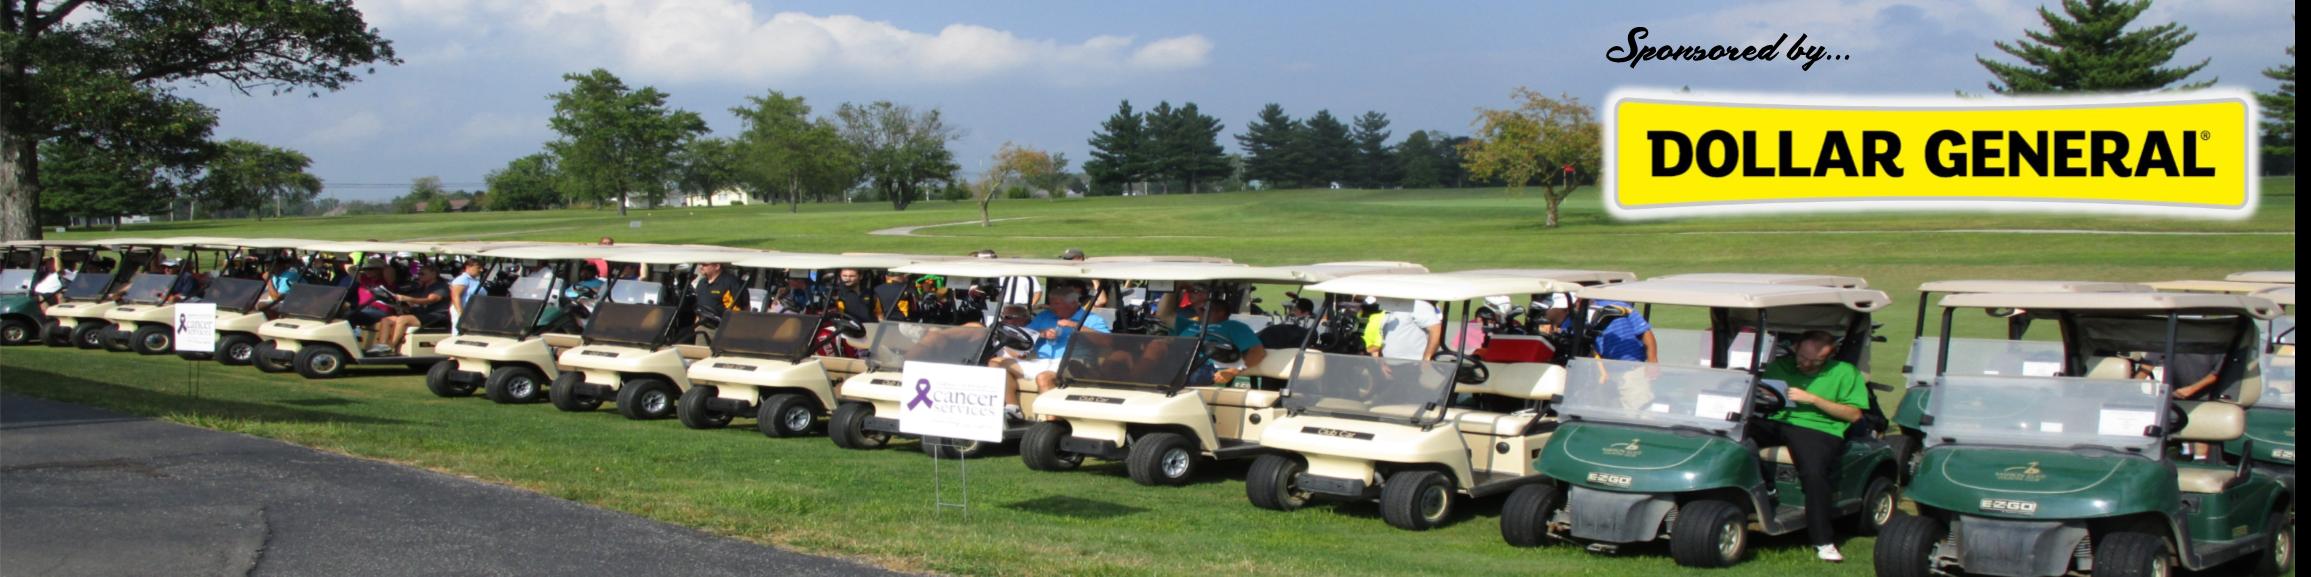 20th Annual Par 3 Golf Scramble